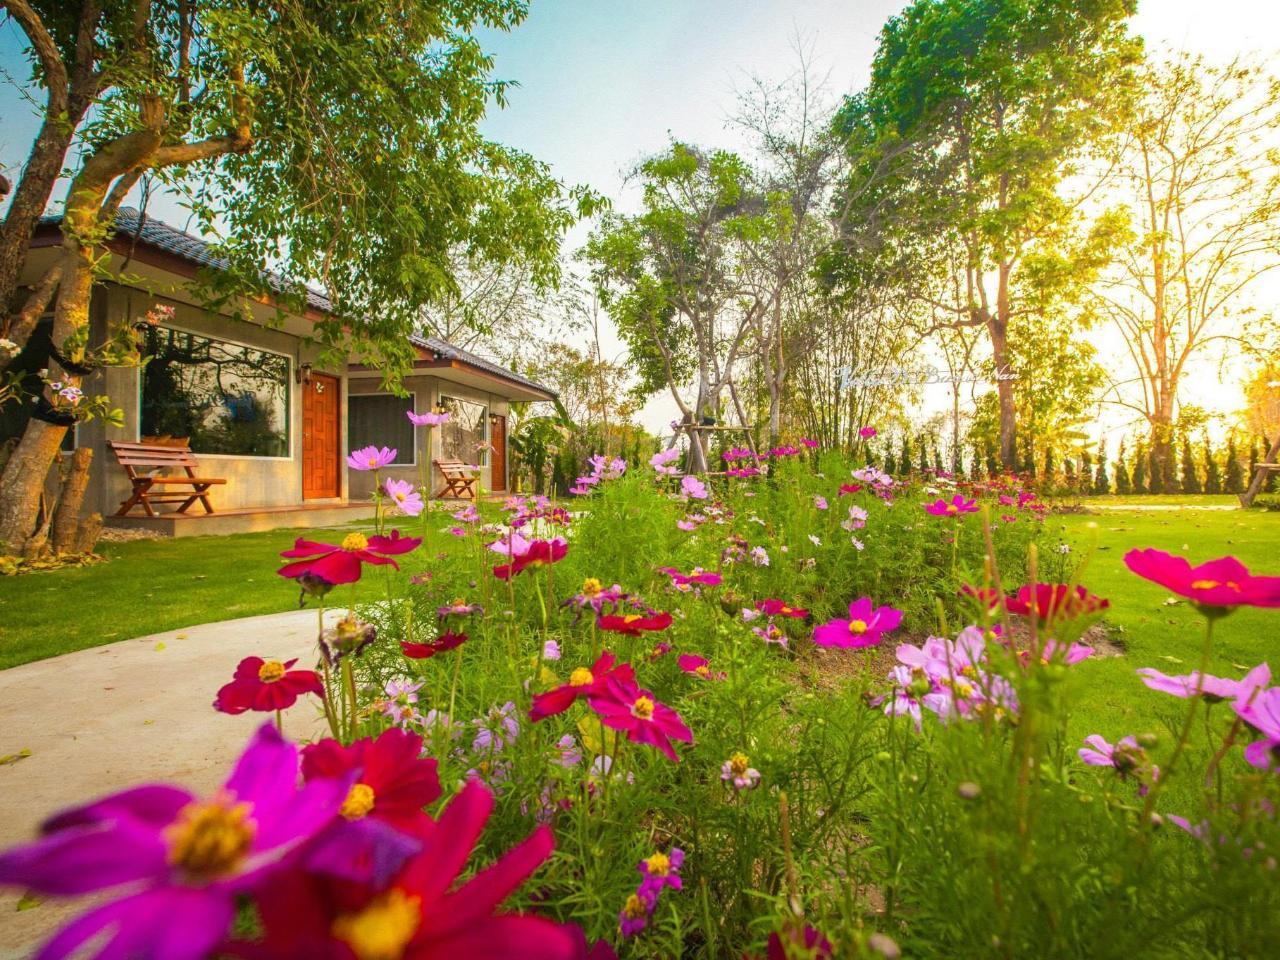 วิลลา เดอ บัว รีสอร์ต แอนด์ สปา แอท น่าน (Villa De Bua Resort and Spa at Nan)